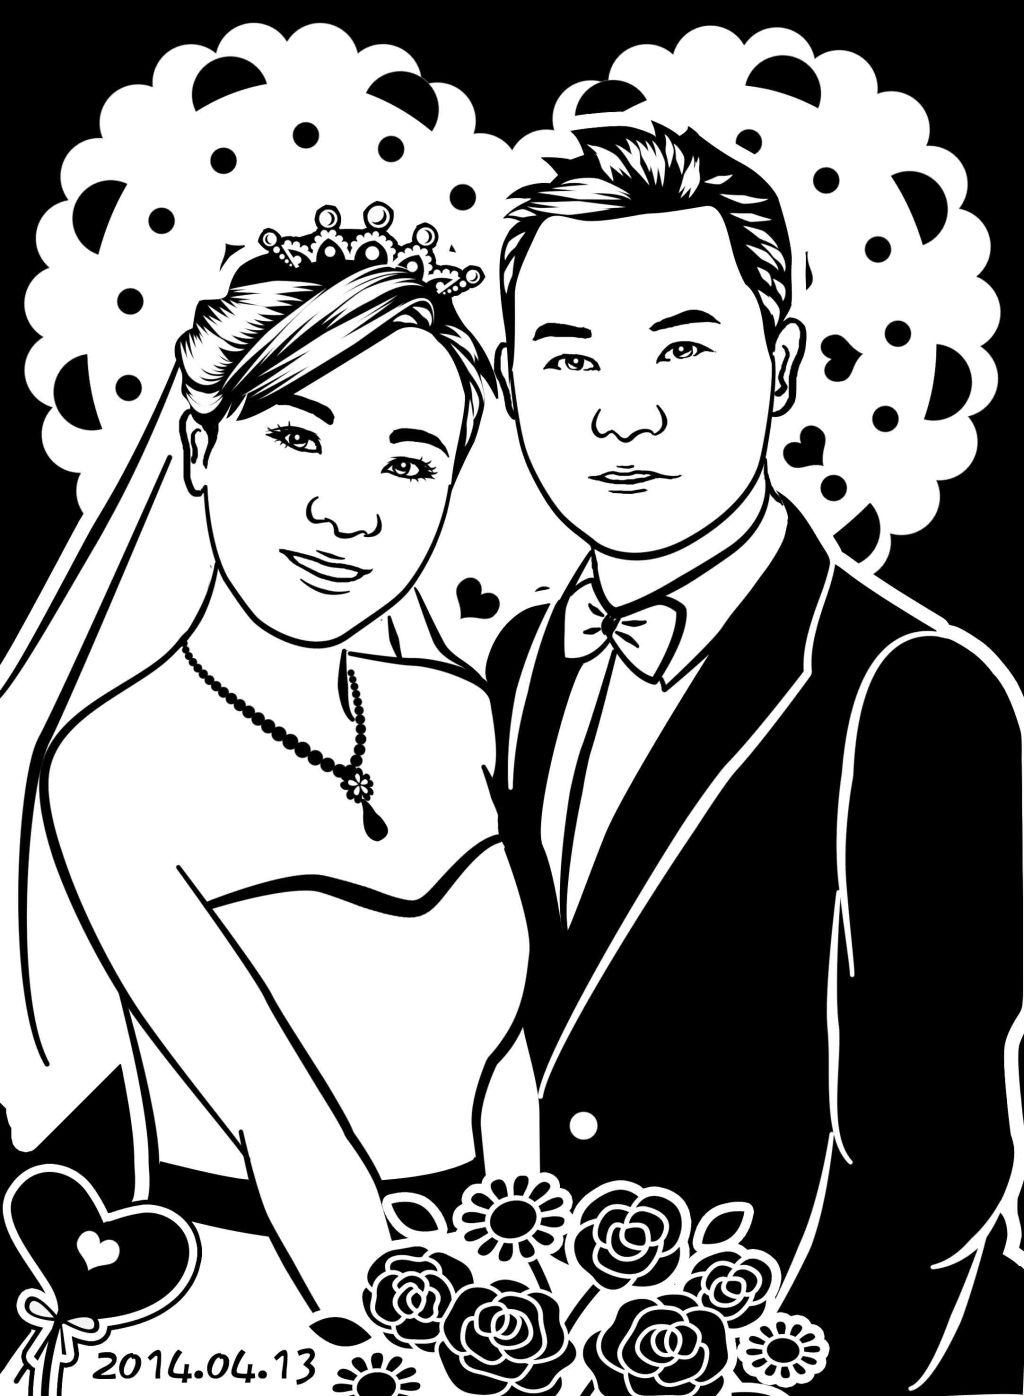 结婚照旗袍古典黑白简笔画